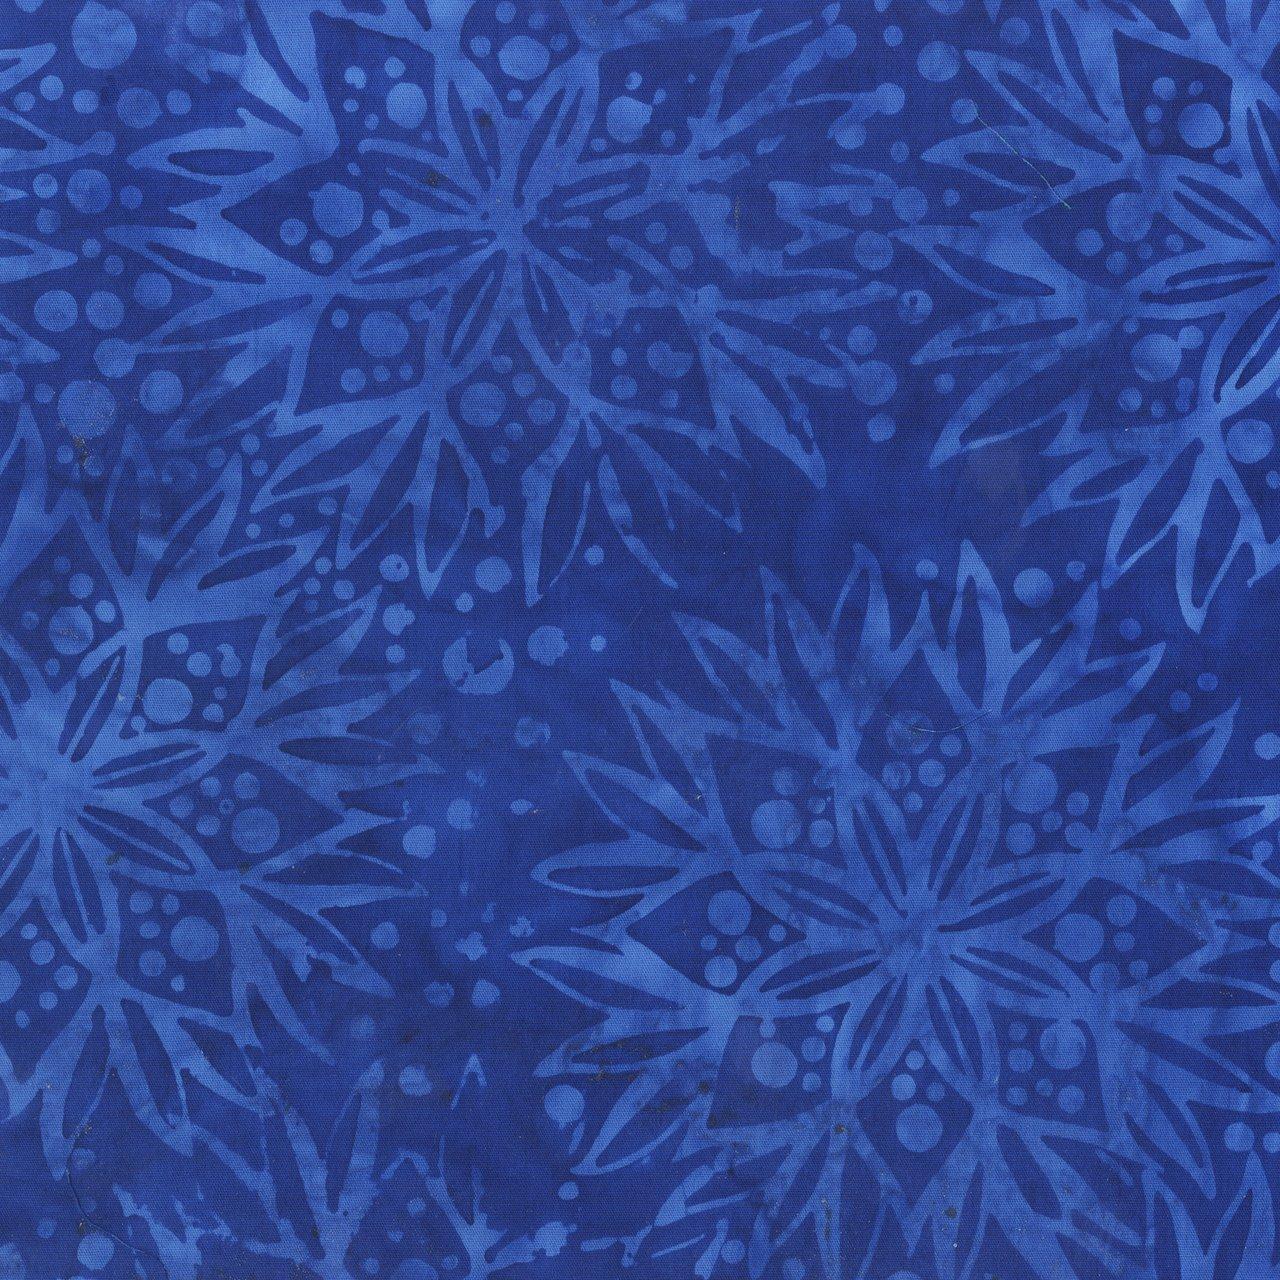 Anthology Batiks Royal by Jacqueline De Jonge 3015Q-X